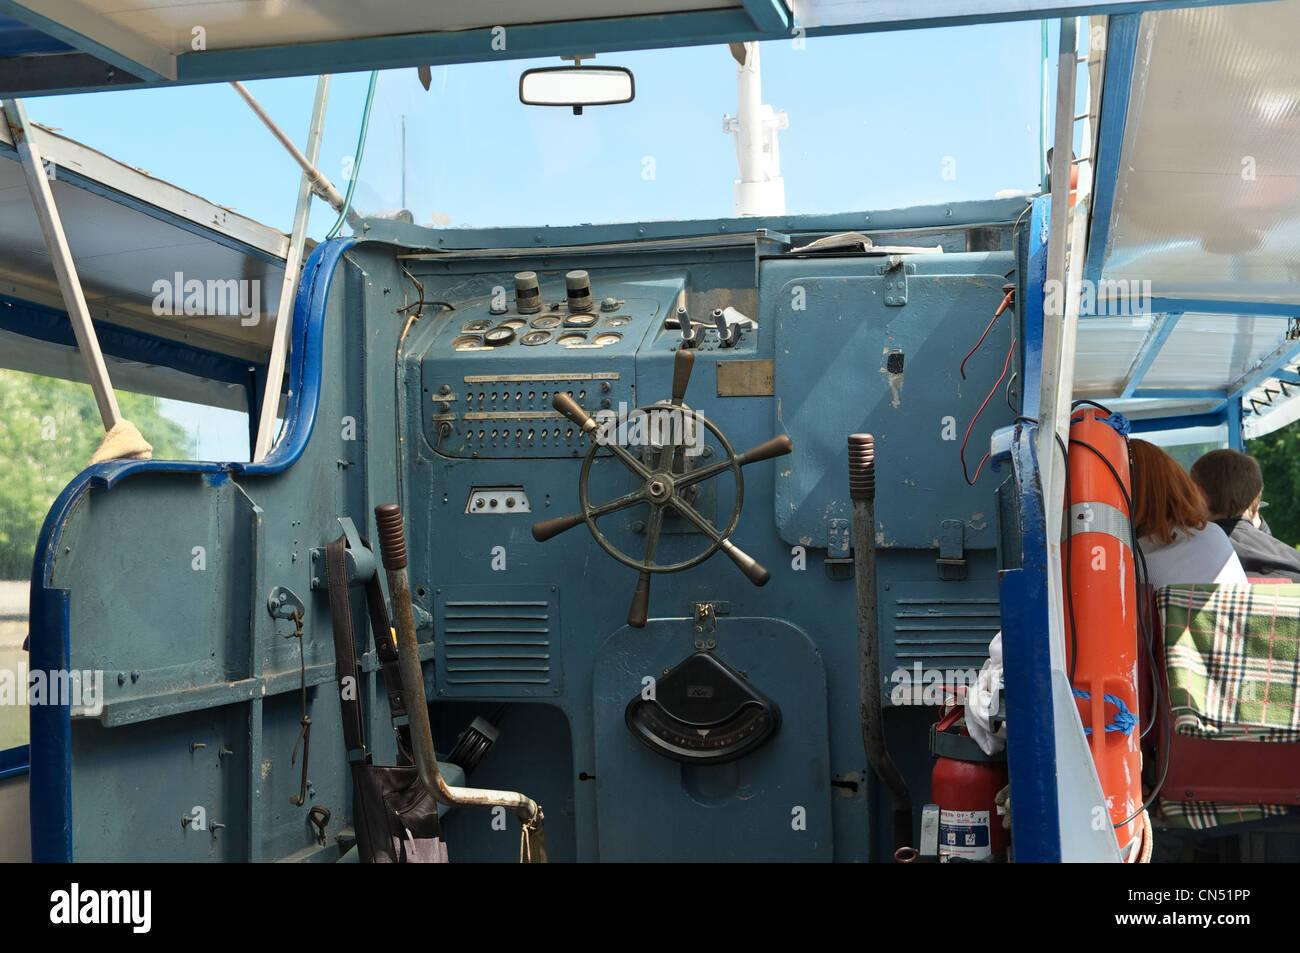 Boot steuerstand stockfoto bild 47439694 alamy - Leuchtkasten selber bauen ...